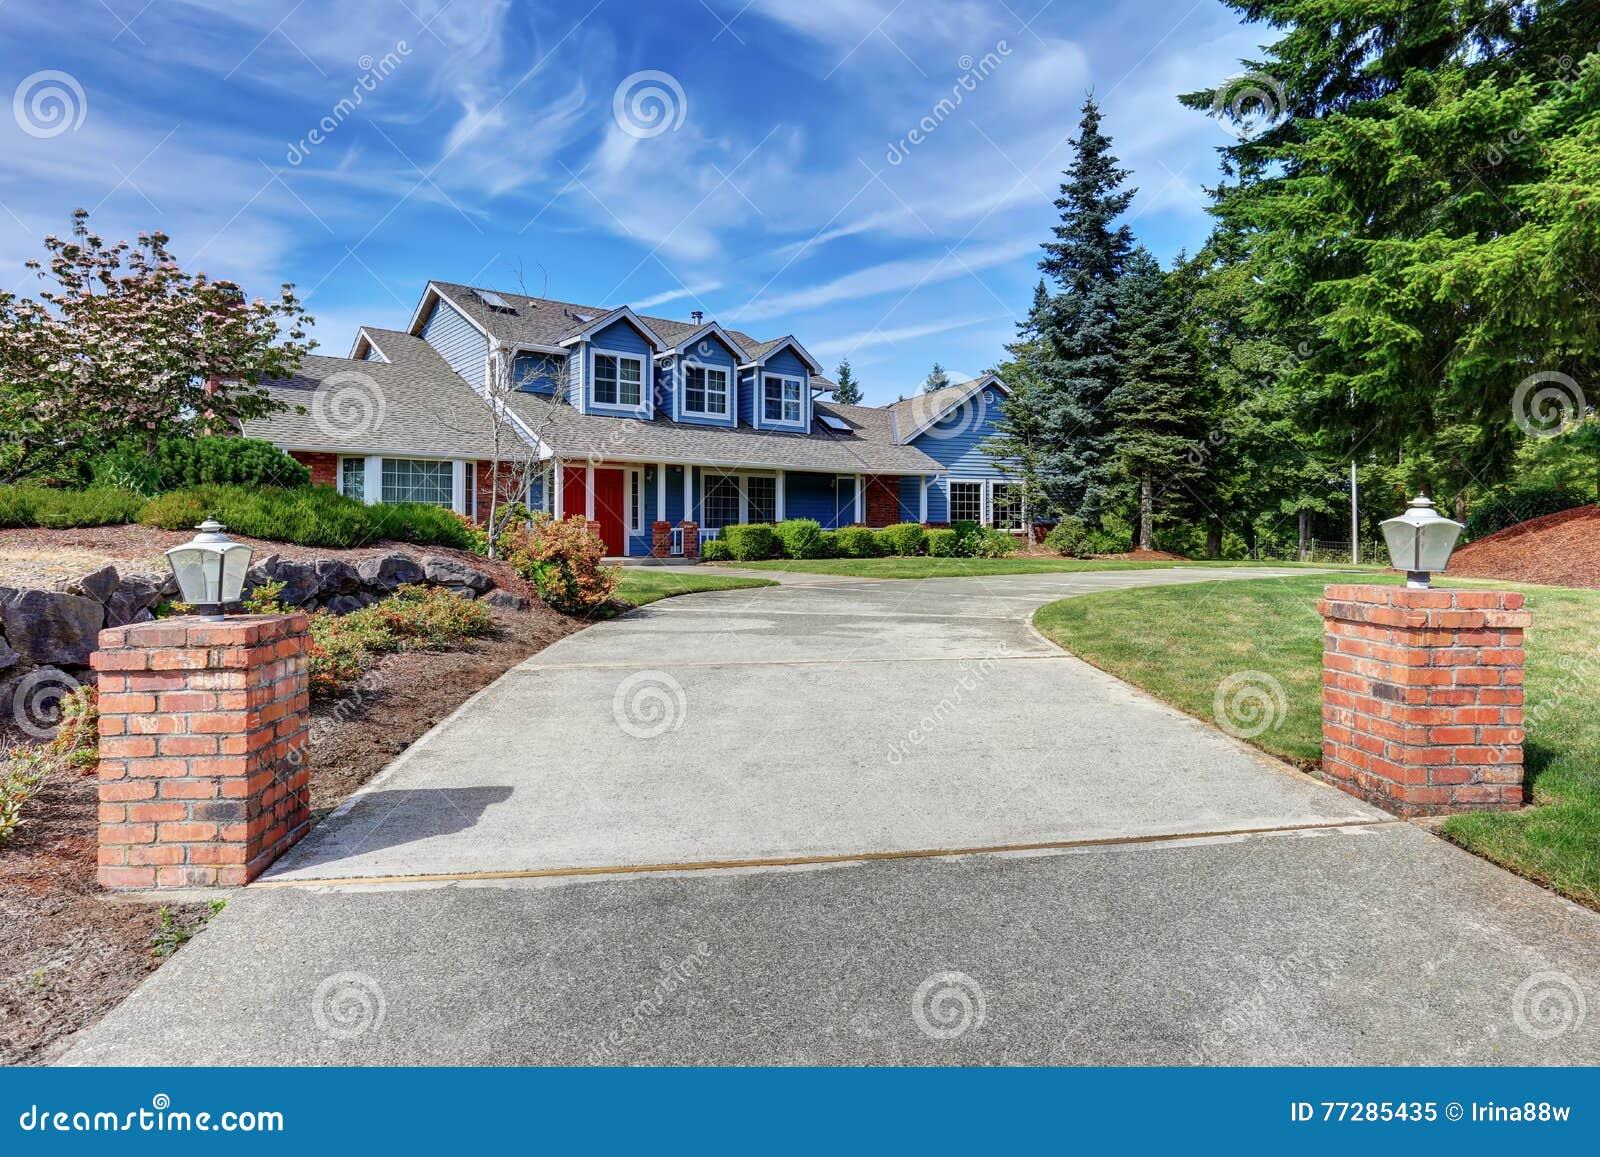 Αμερικανικό σπίτι εξωτερικό με την μπλε και άσπρη περιποίηση Επίσης κόκκινη μπροστινή πόρτα